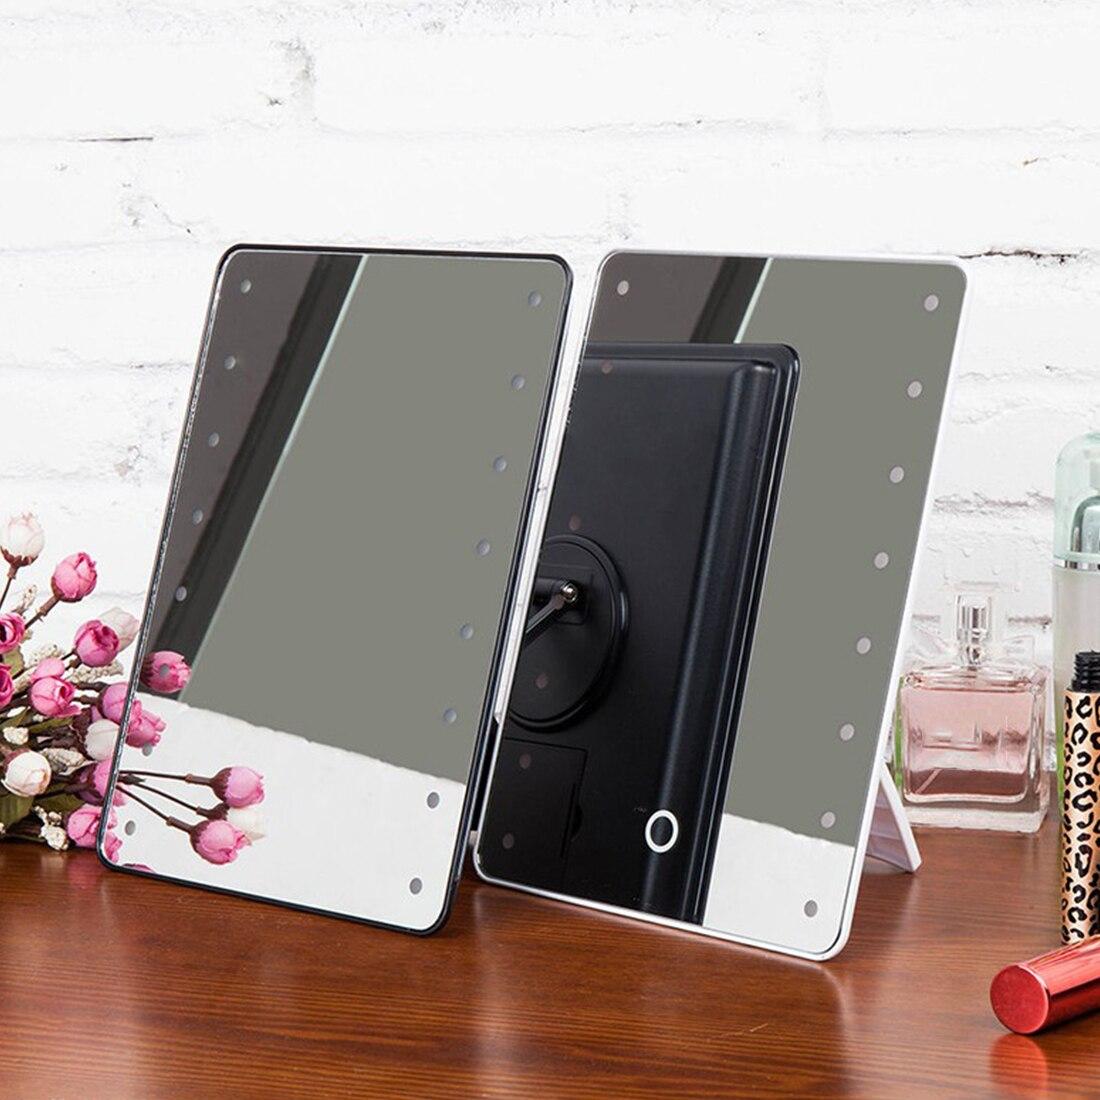 FäHig 6led Licht Hiigh-glanz Illuminator Machen Up Spiegel Desktop Kosmetik Spiegel Make-up-tools Und Zubehör Schminkspiegel